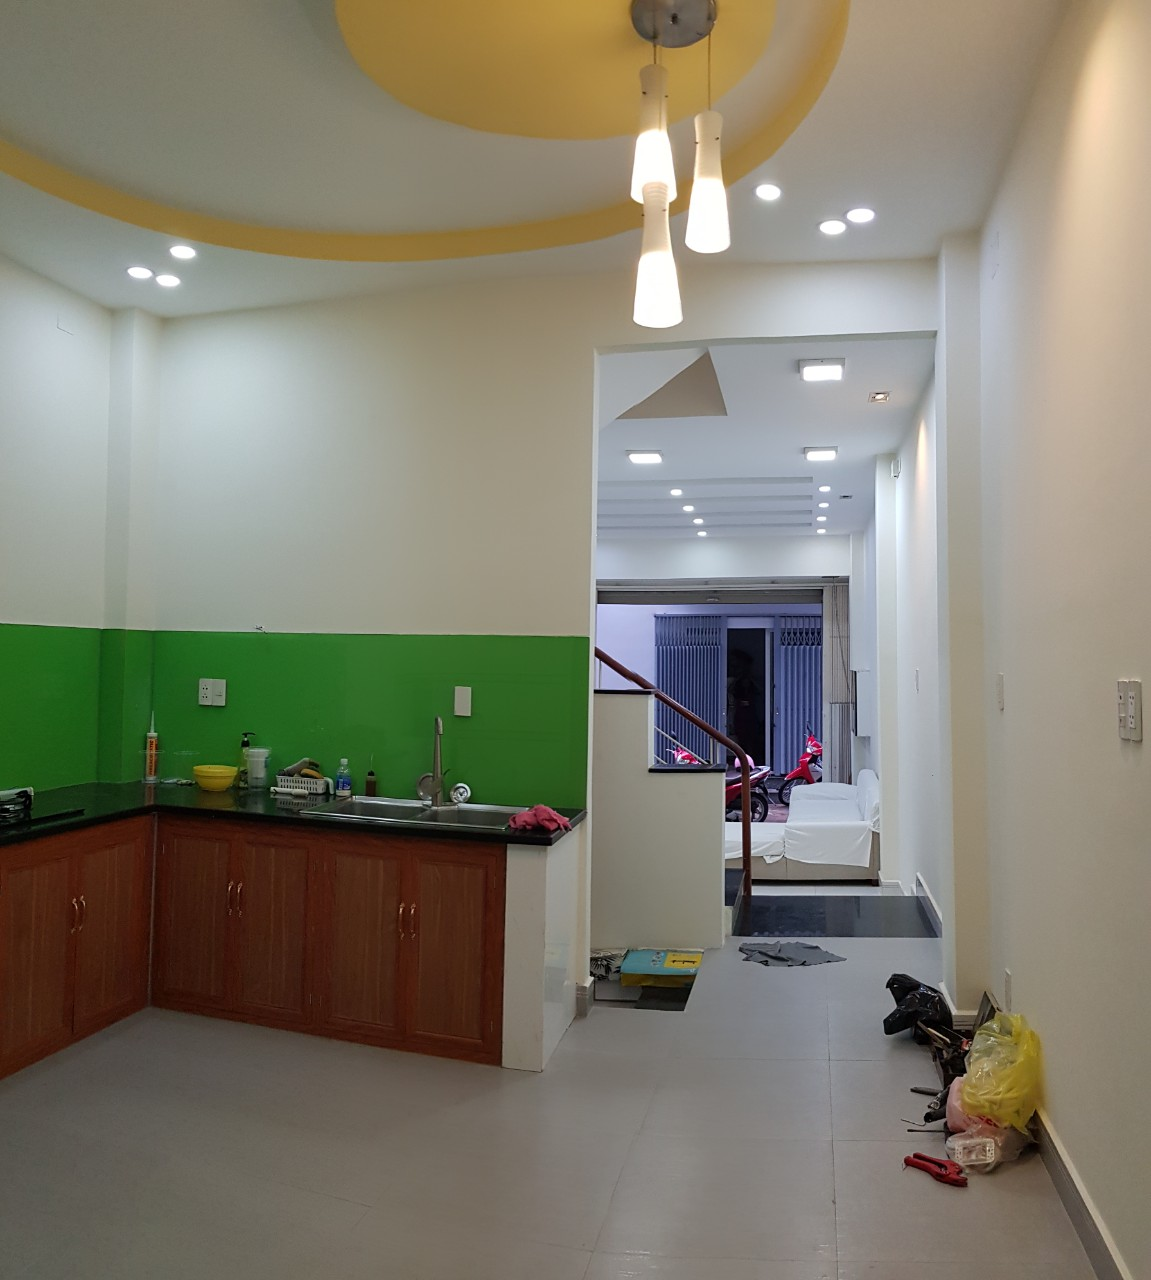 Thuê nhà nguyên căn Quận 7 Trần Xuân Soạn, nhà đẹp 2,5 lầu, vào ở liền. giá 15tr/th. Mã tin: 6585